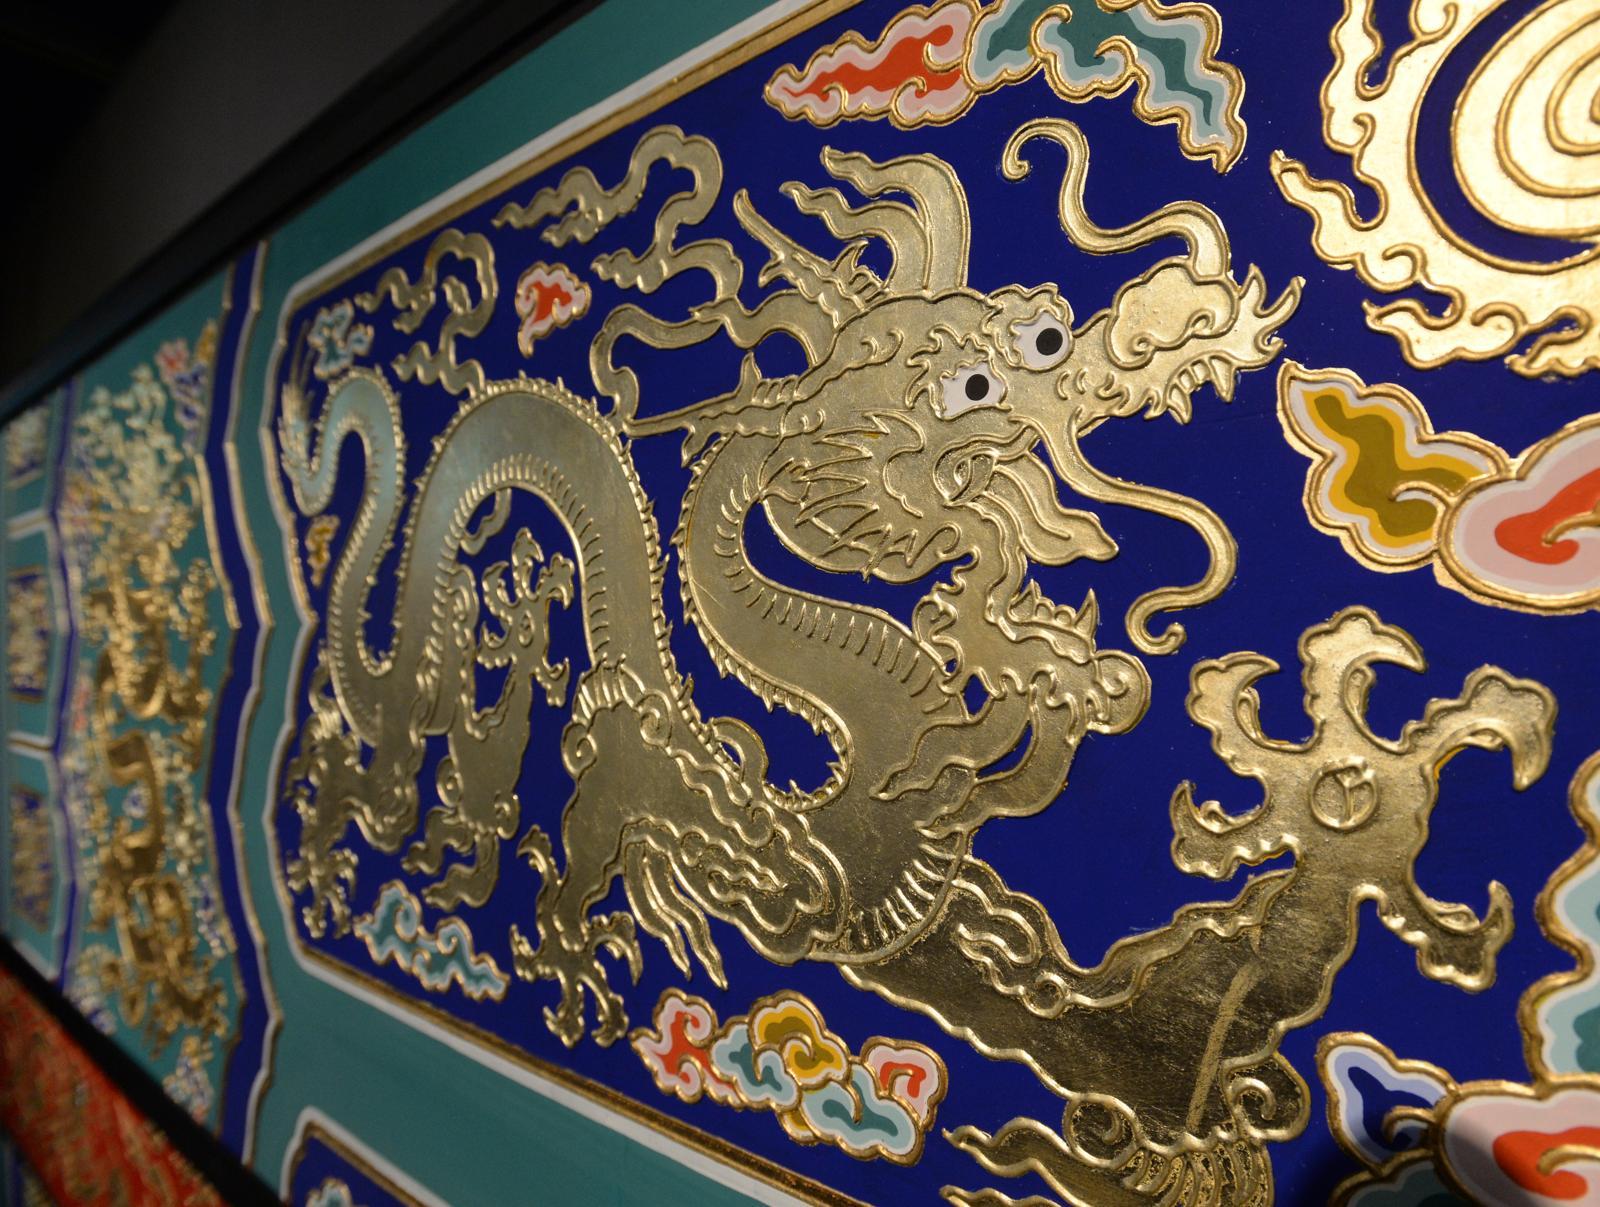 展覽以紫禁城的建築和工藝為主題。